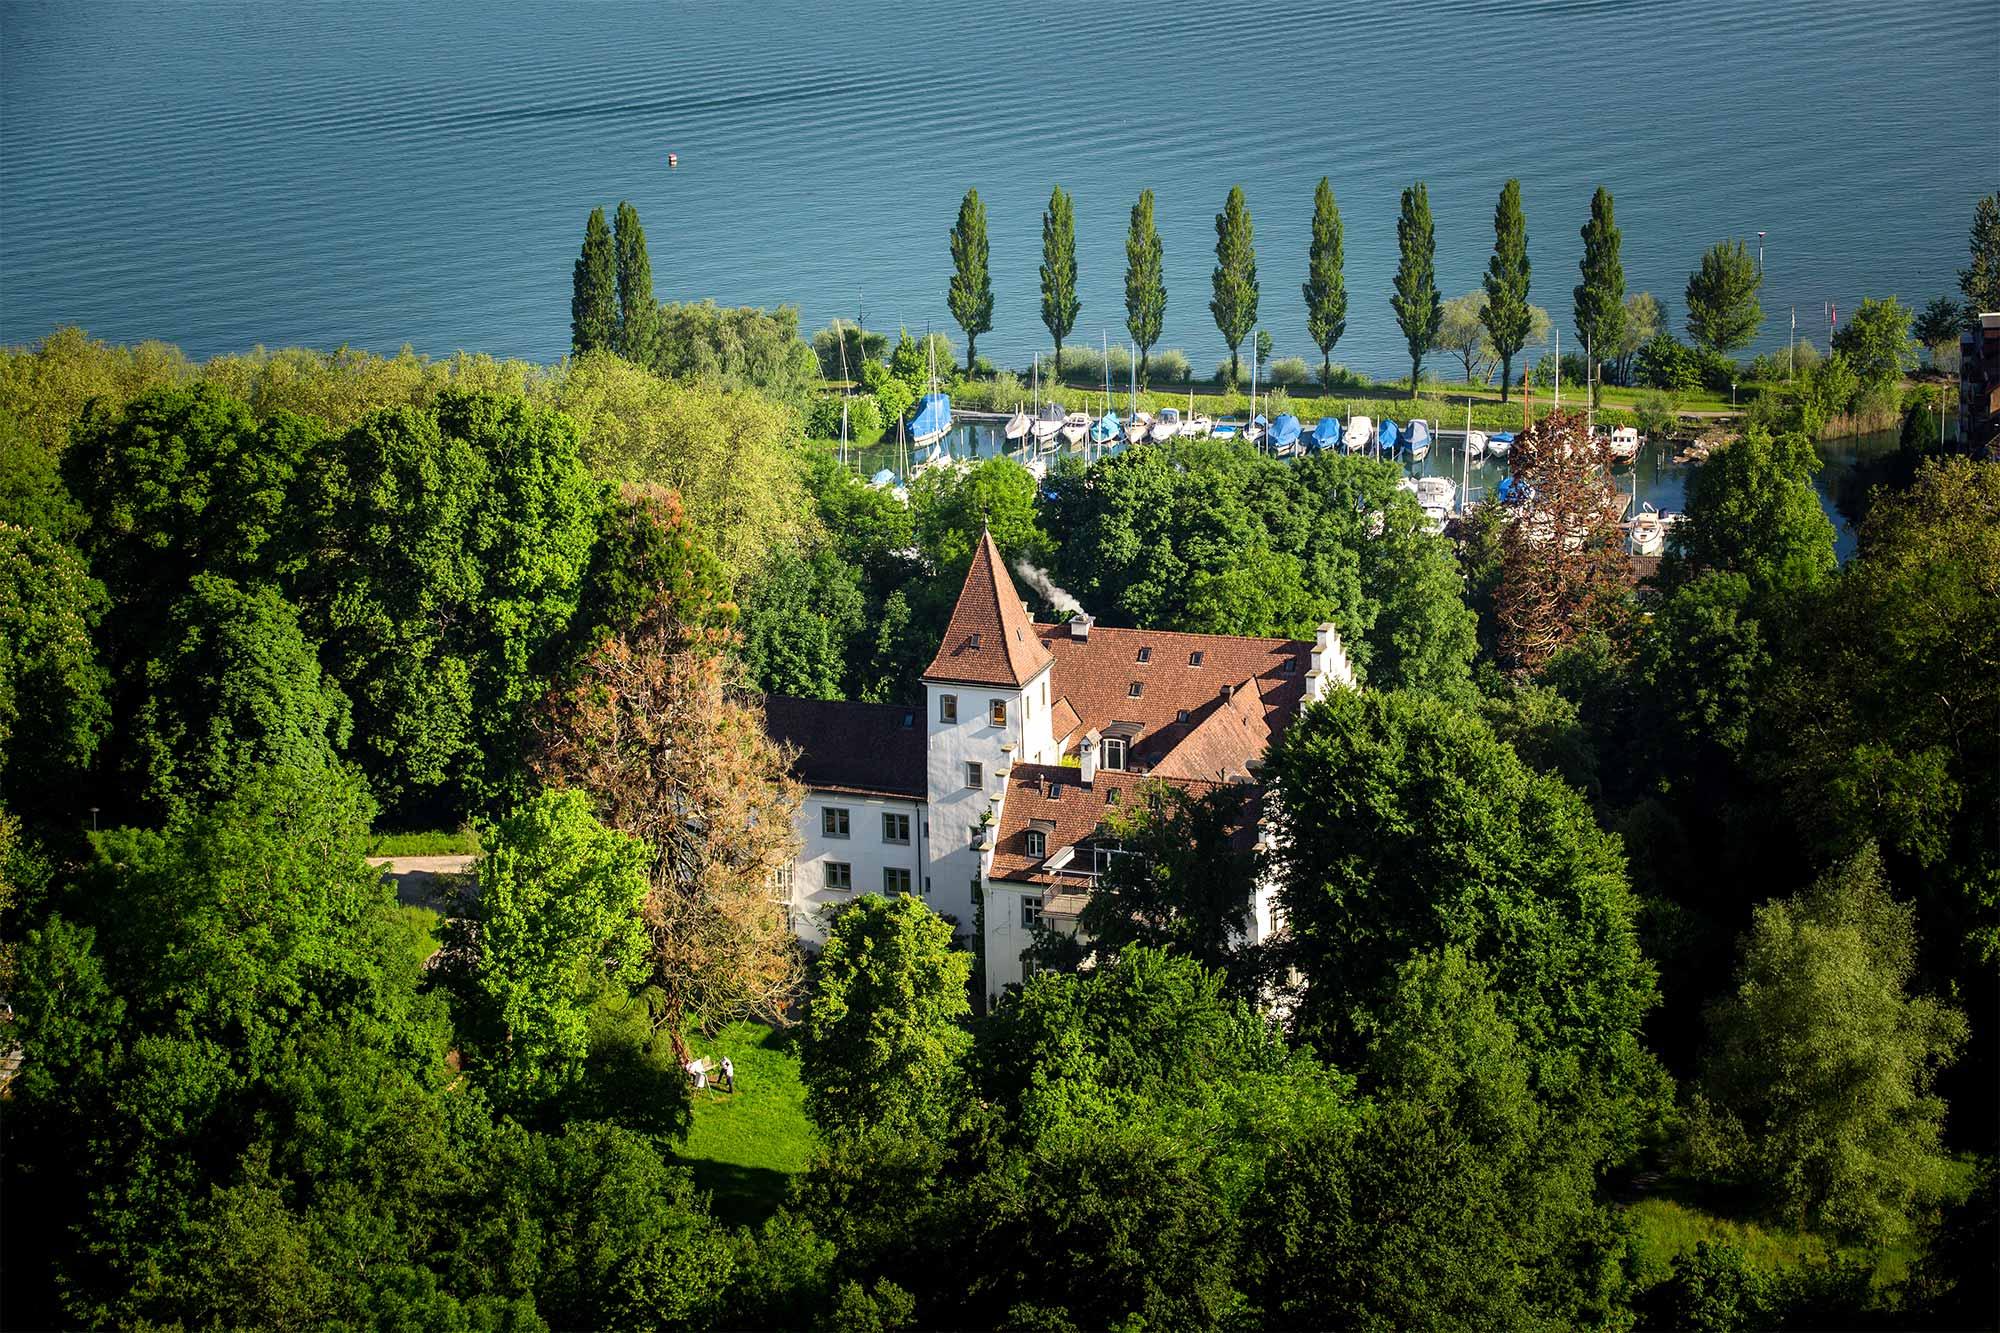 Ein inspirierender Rückzugsort zum Durchatmen - das Schloss Wartegg